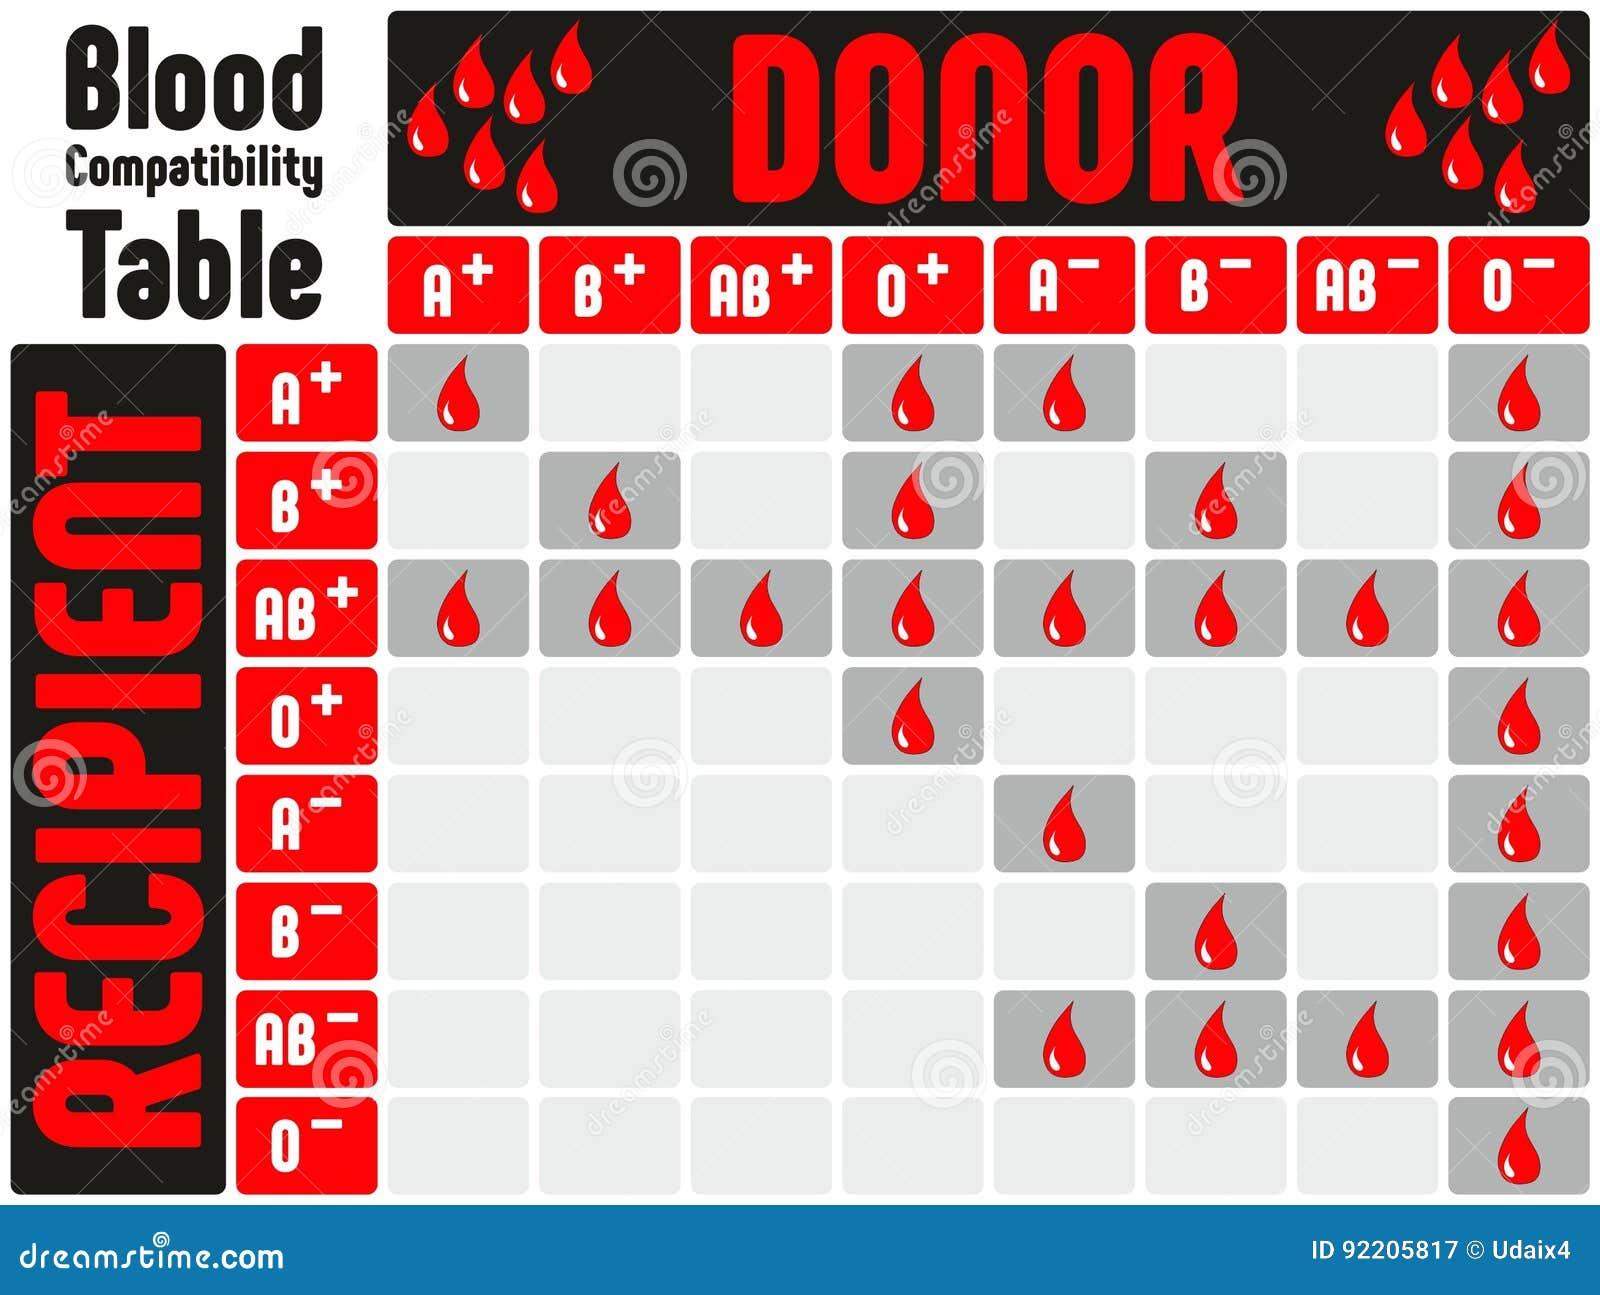 Positivo tipo sangre a